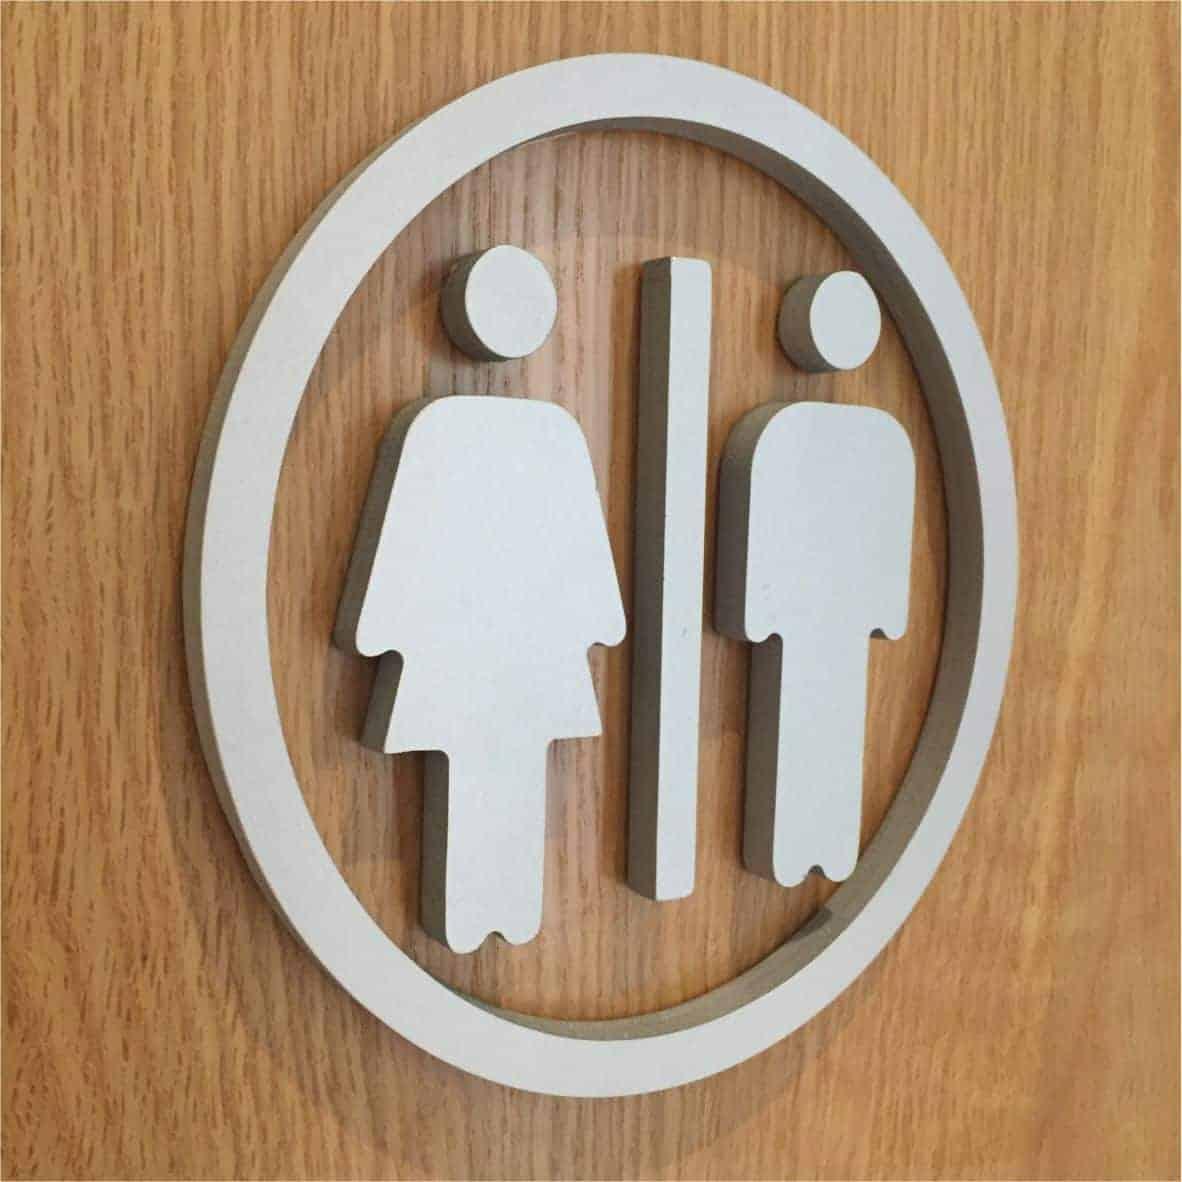 3D signage raised toilet door logo